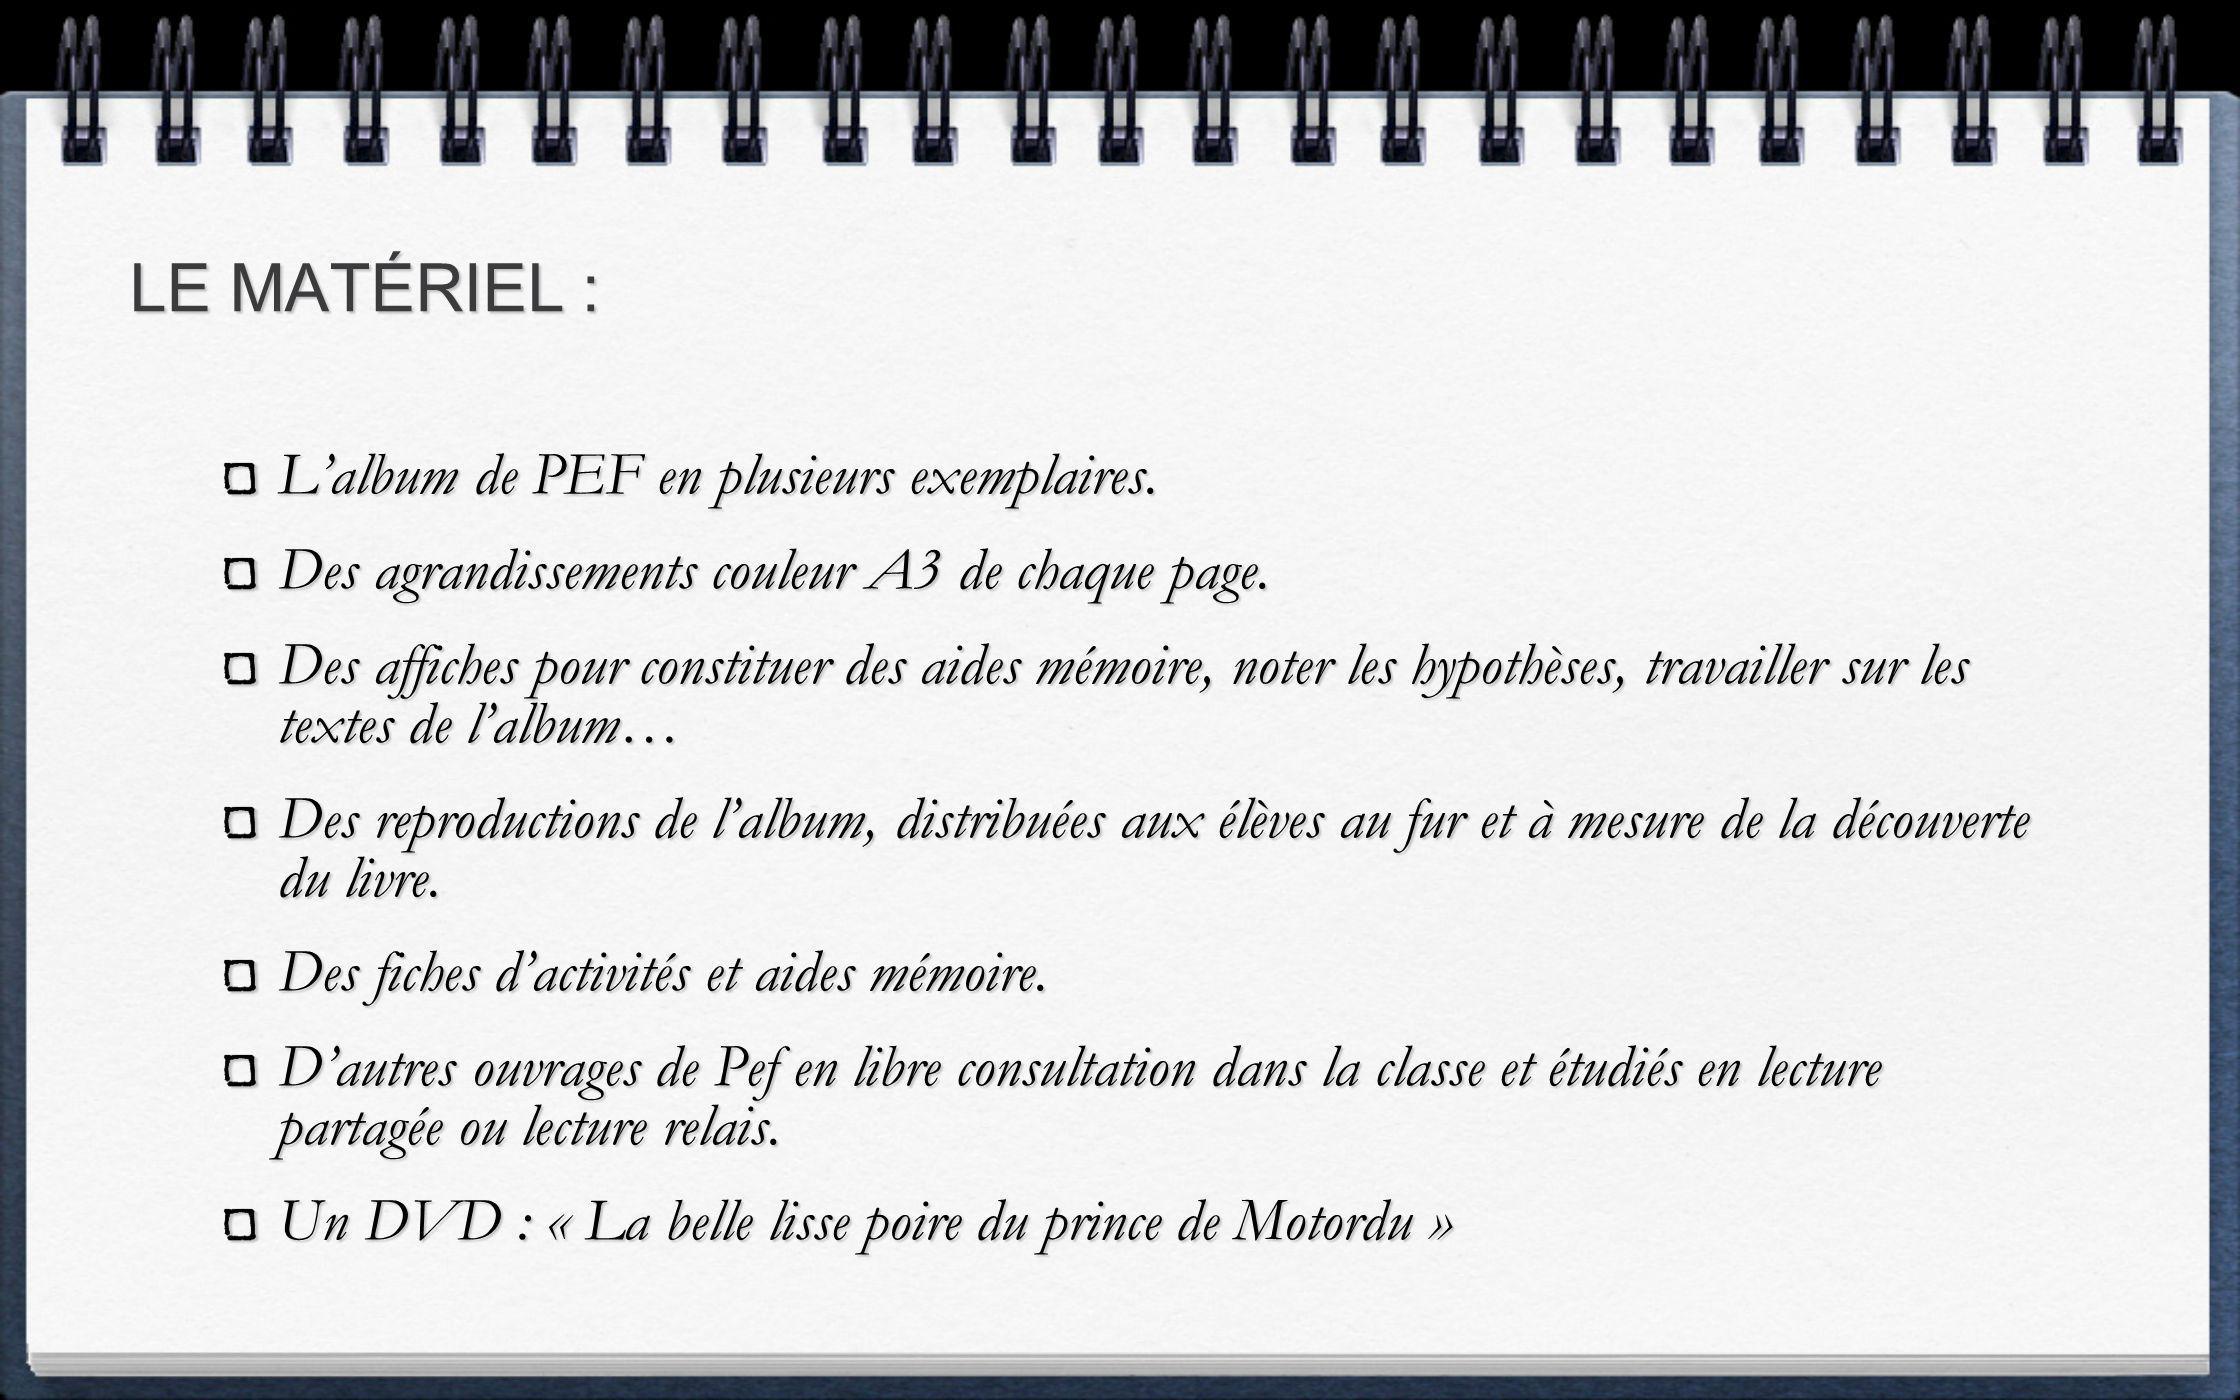 LE MATÉRIEL : L'album de PEF en plusieurs exemplaires.